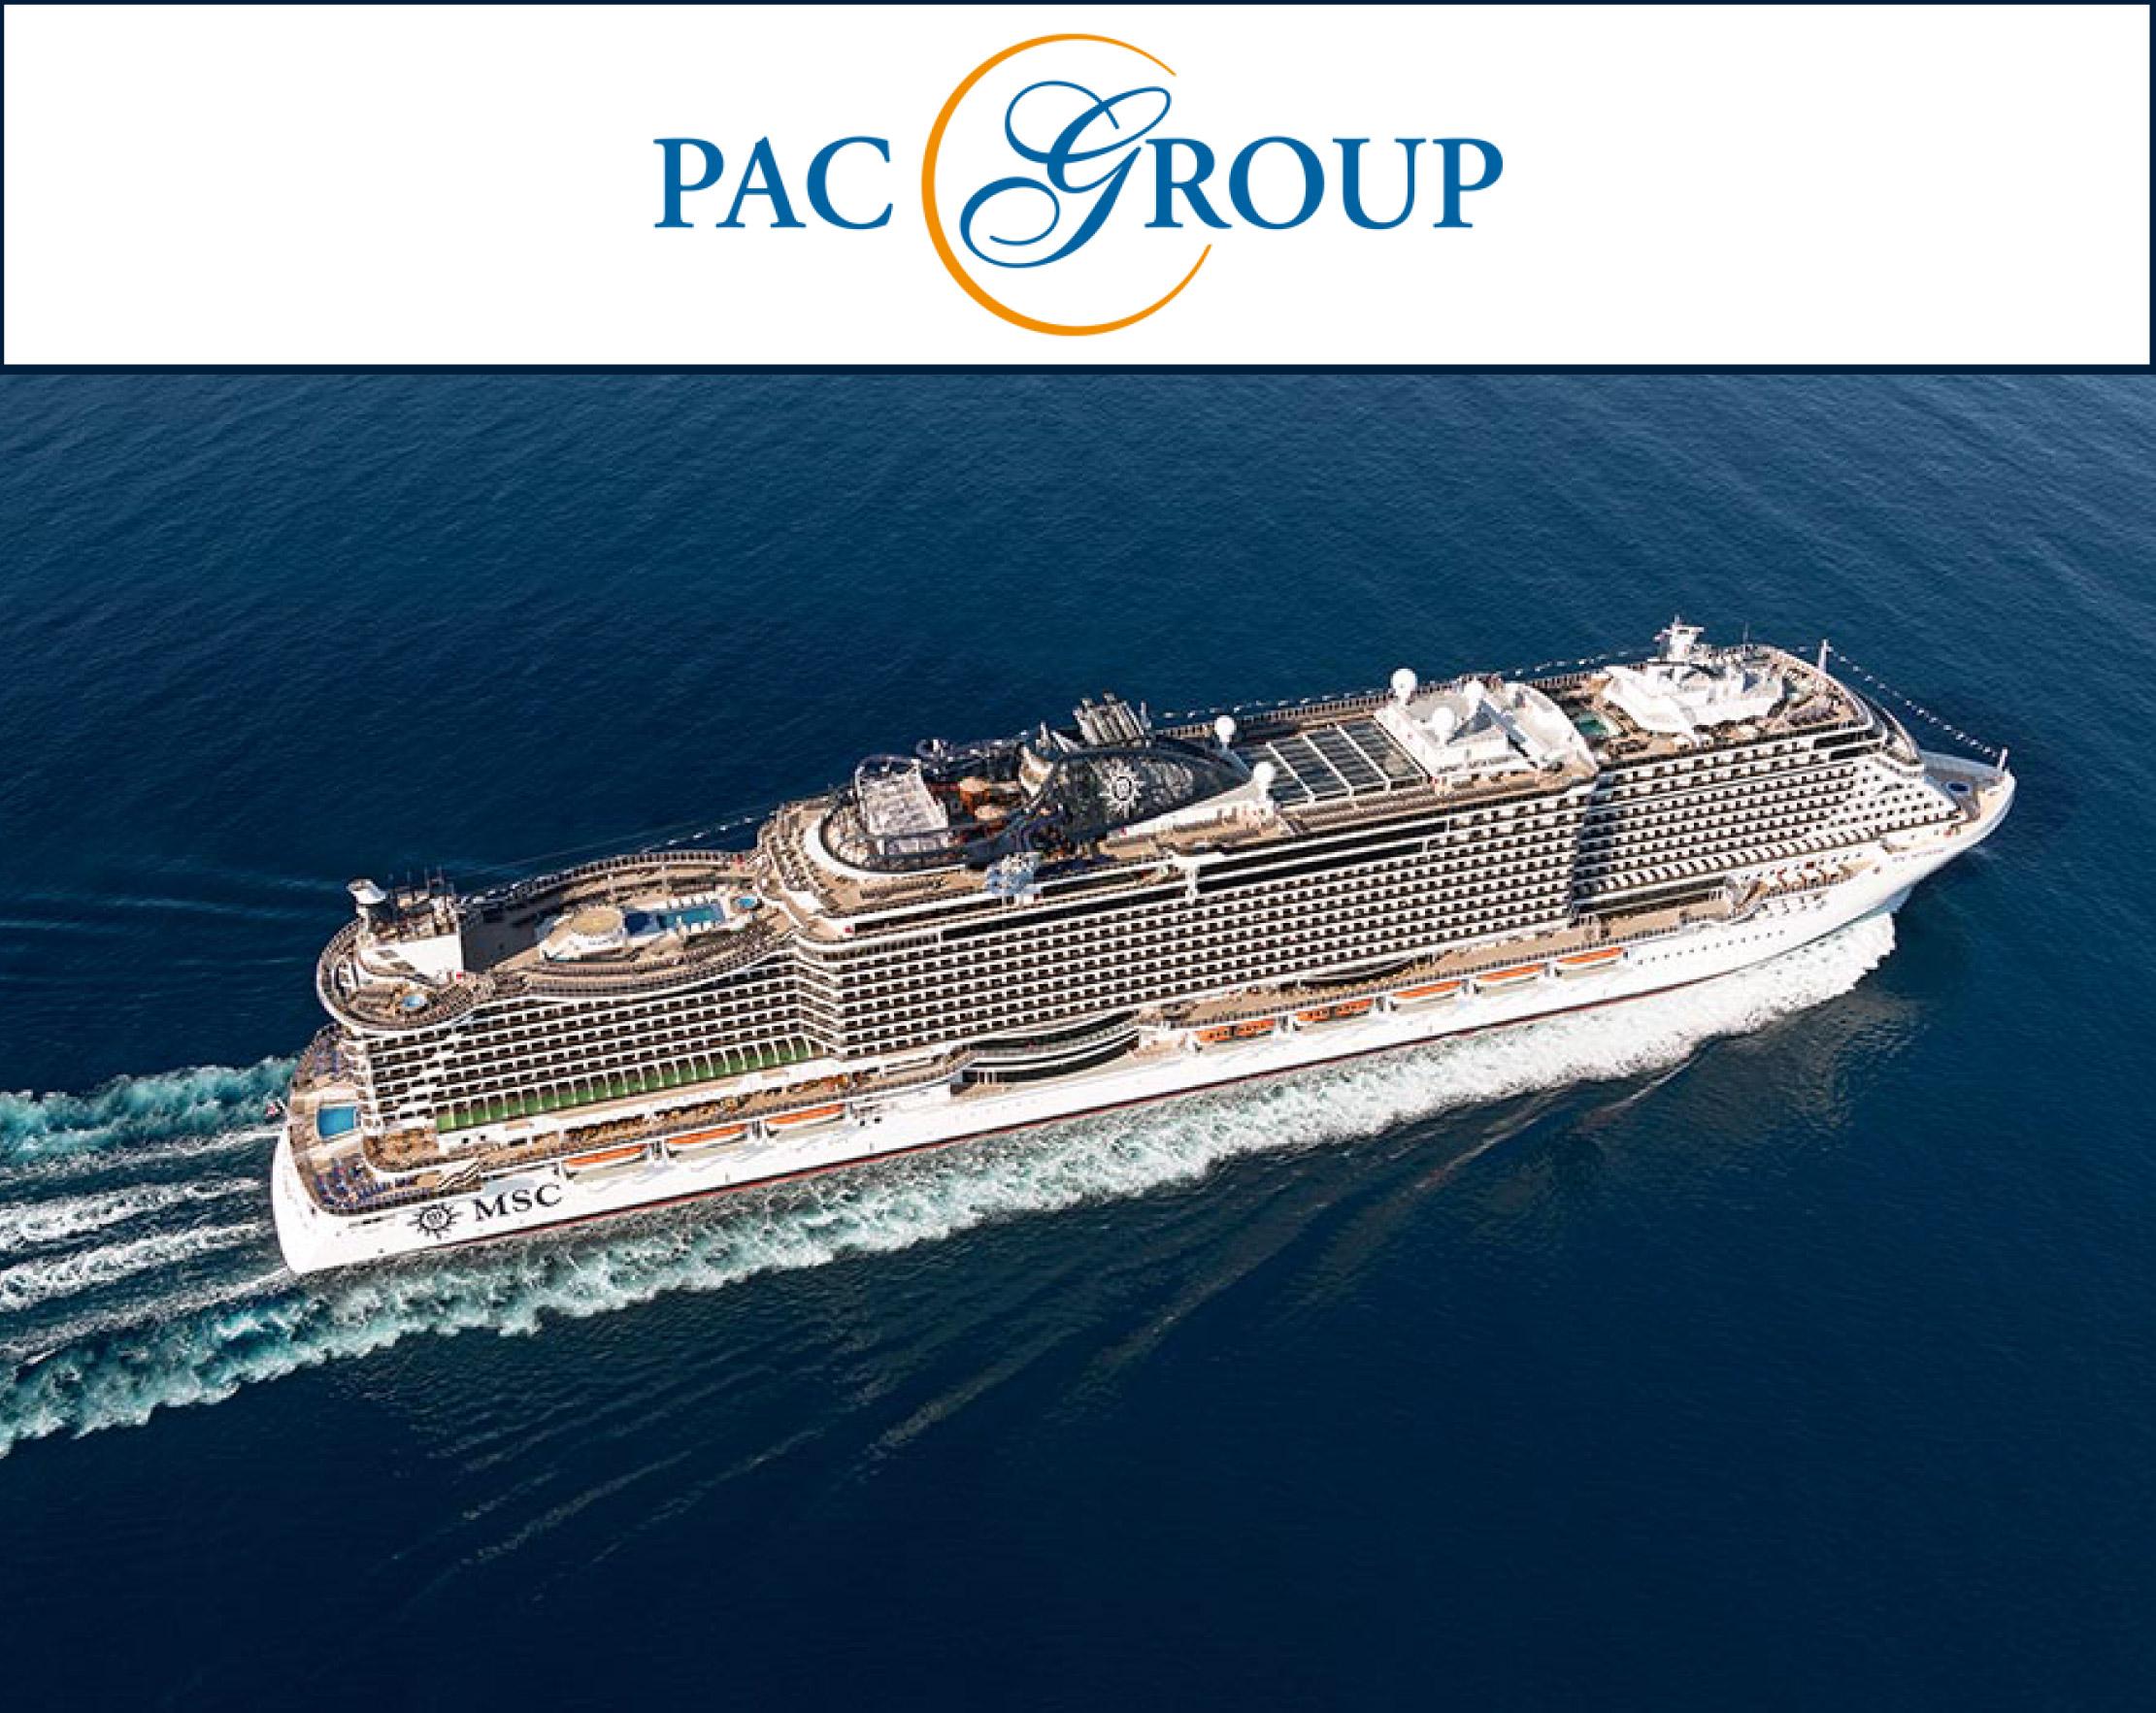 Рекламная кампания PAC GROUP & MSC Cruises